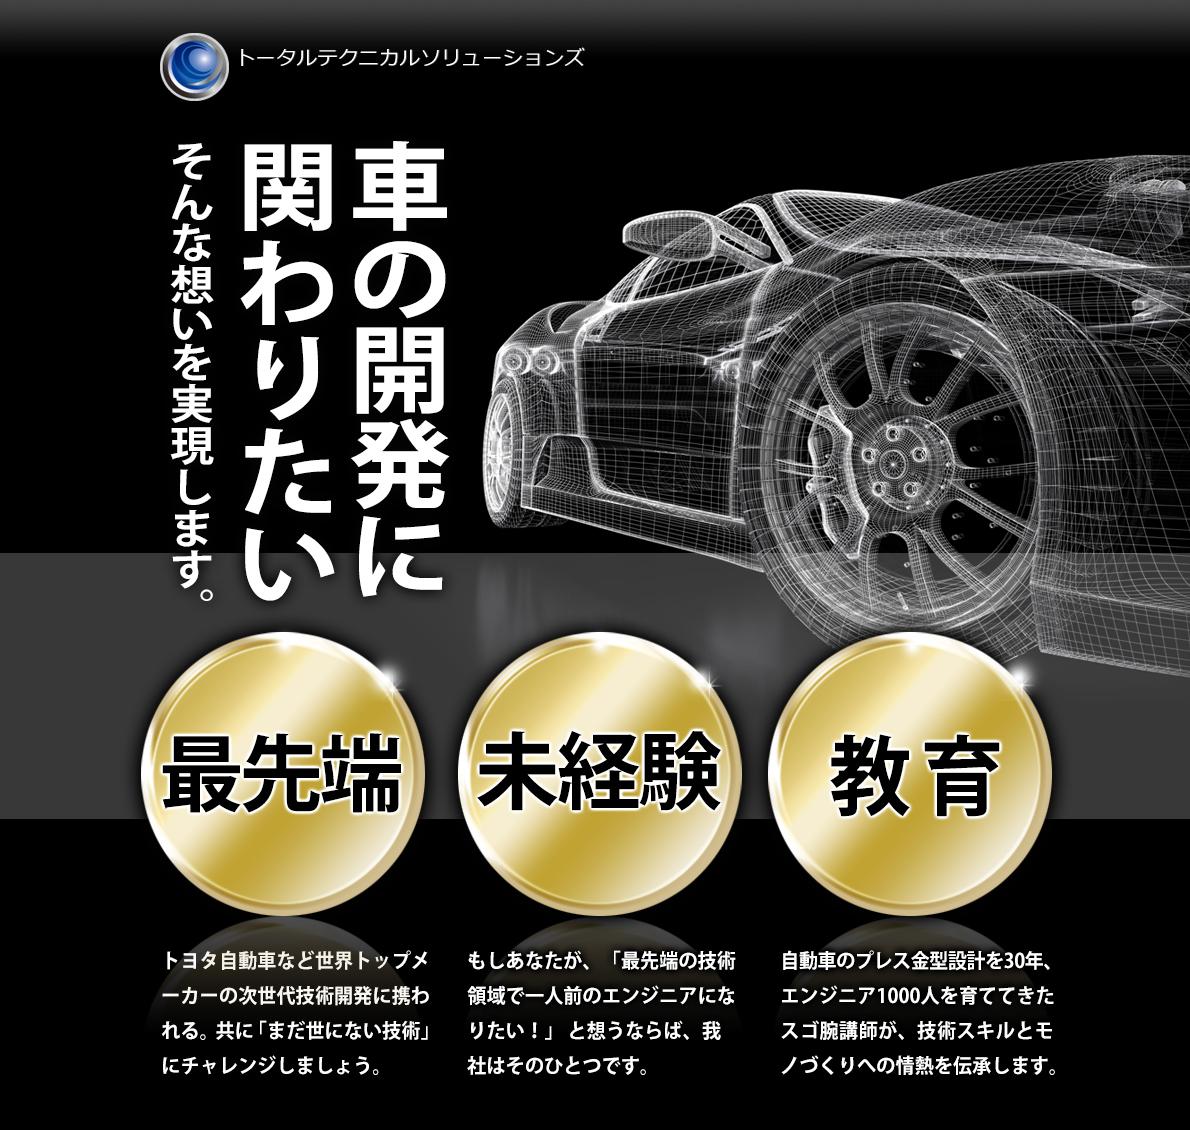 車の開発に関わりたい